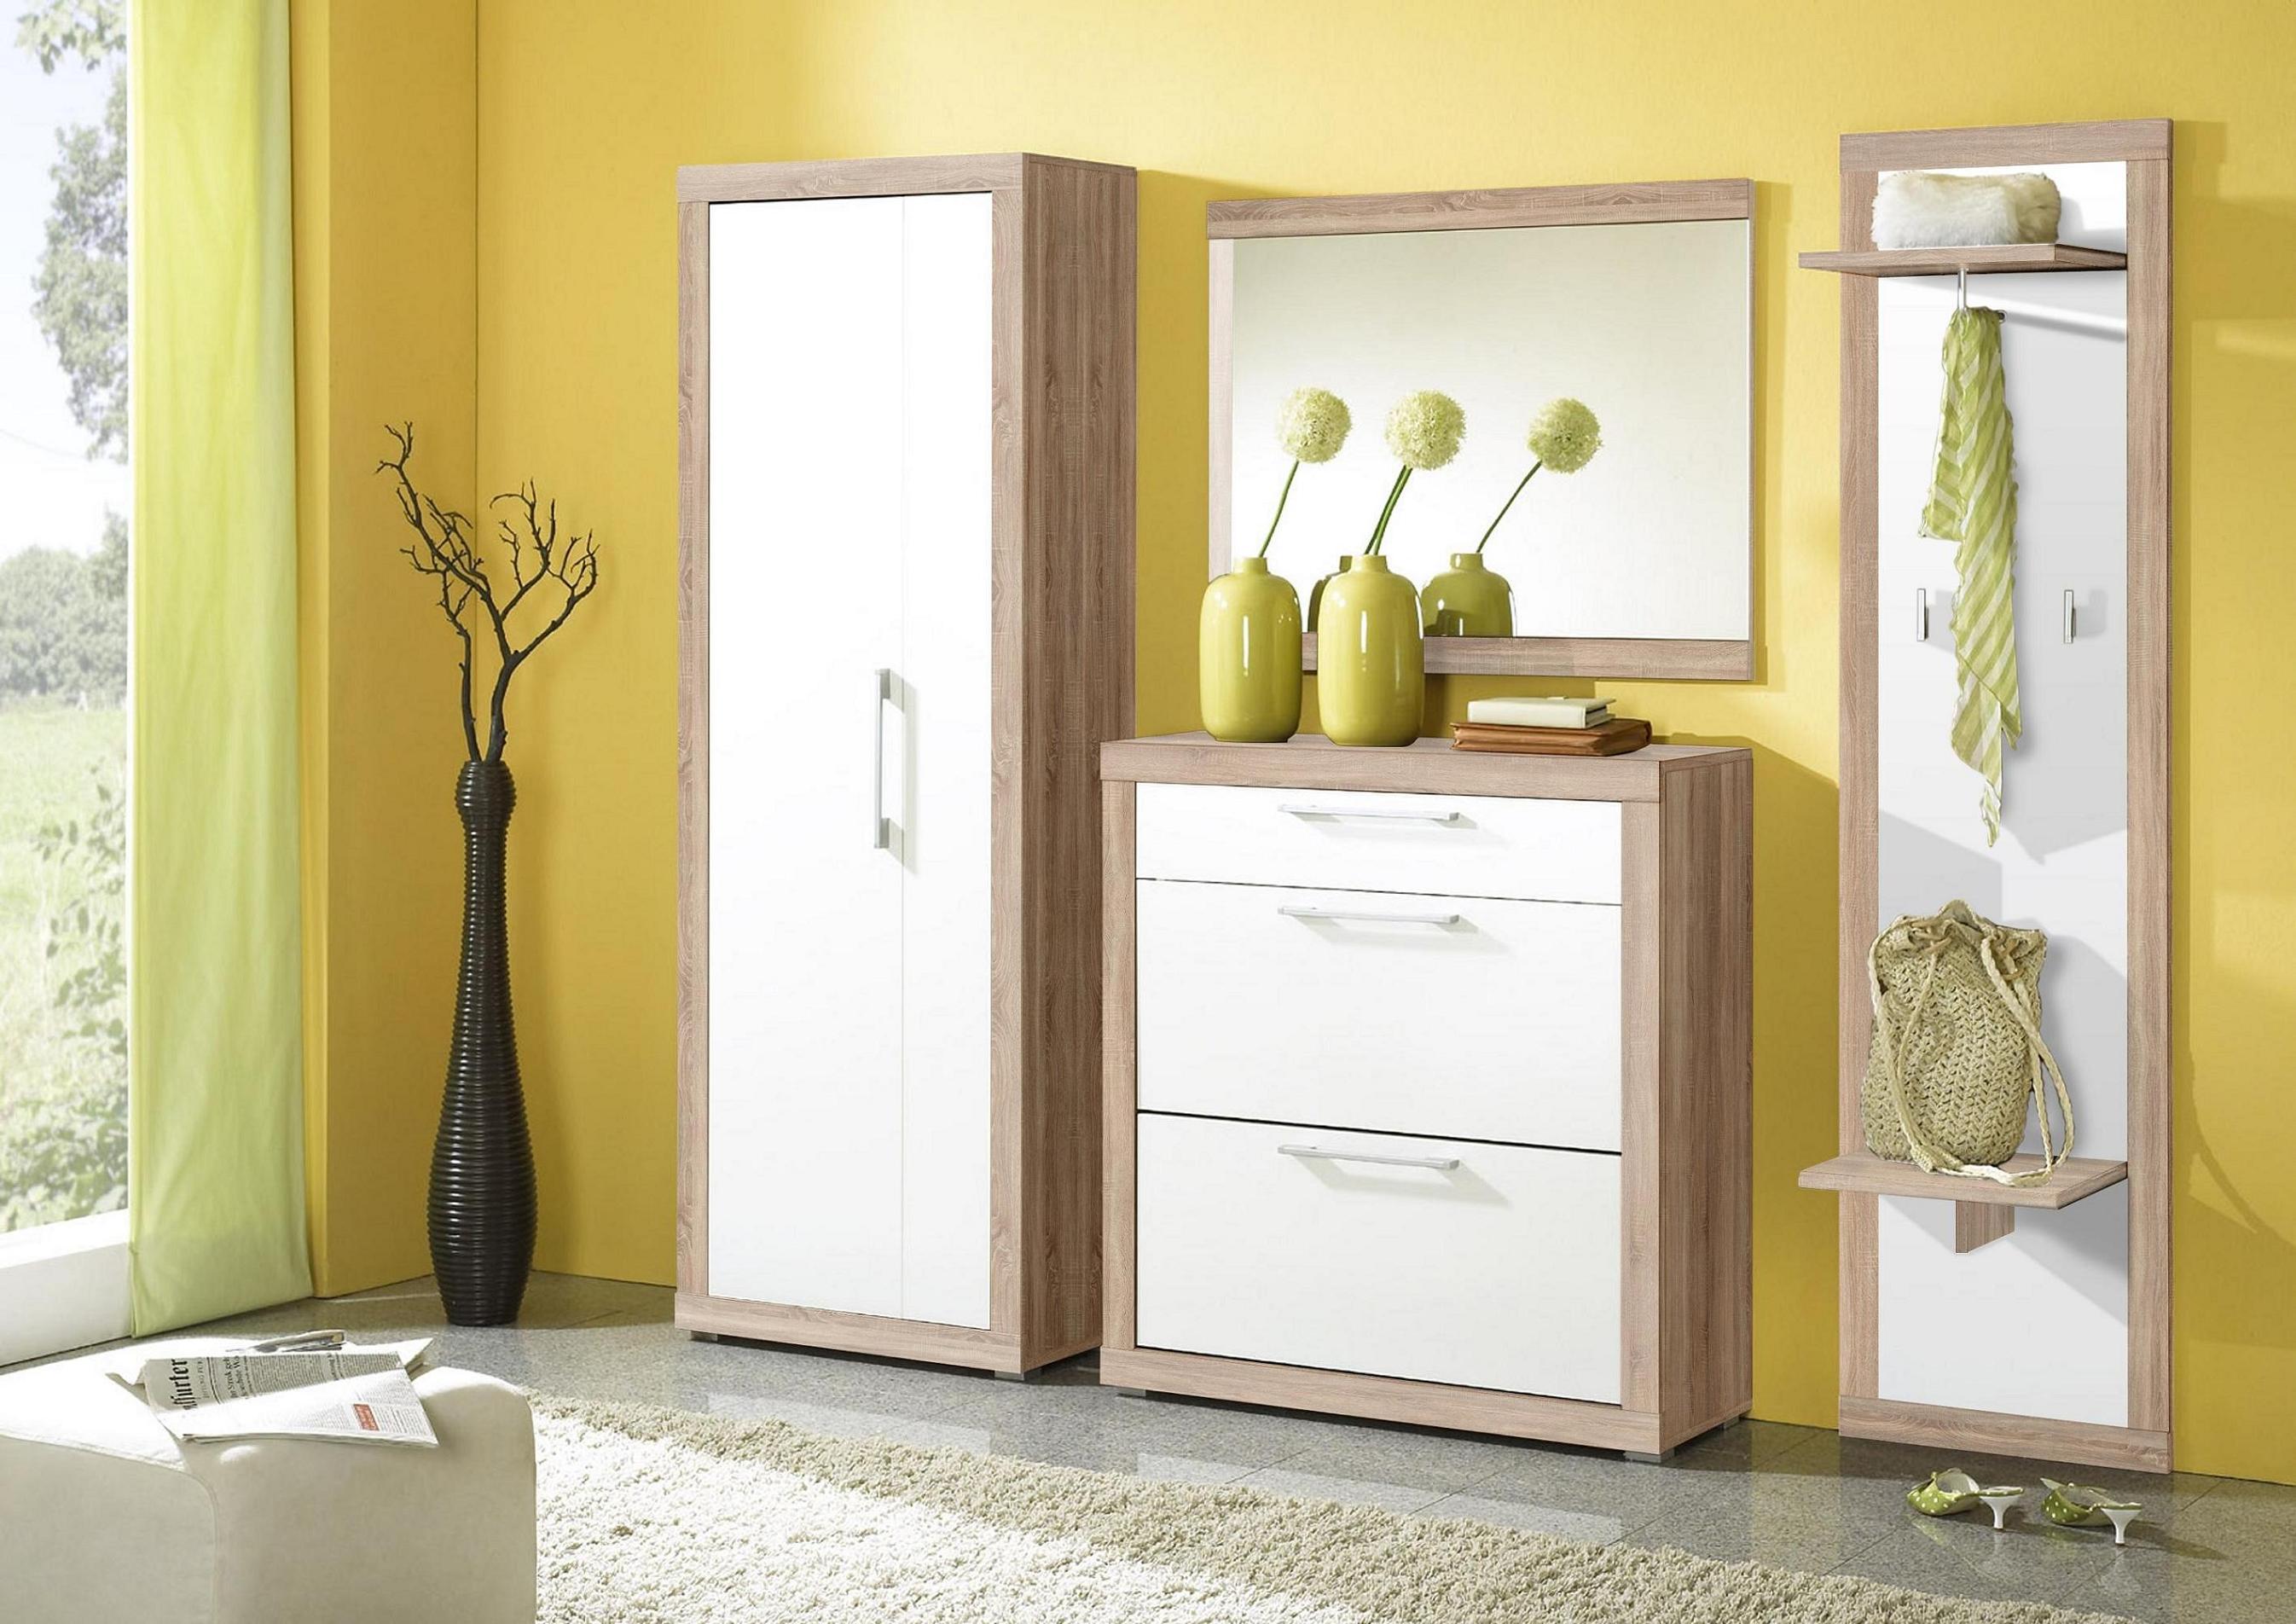 meuble-couloir-design-vintage-avec-armoire-en-bois-miroir-et-tiroir-blanc